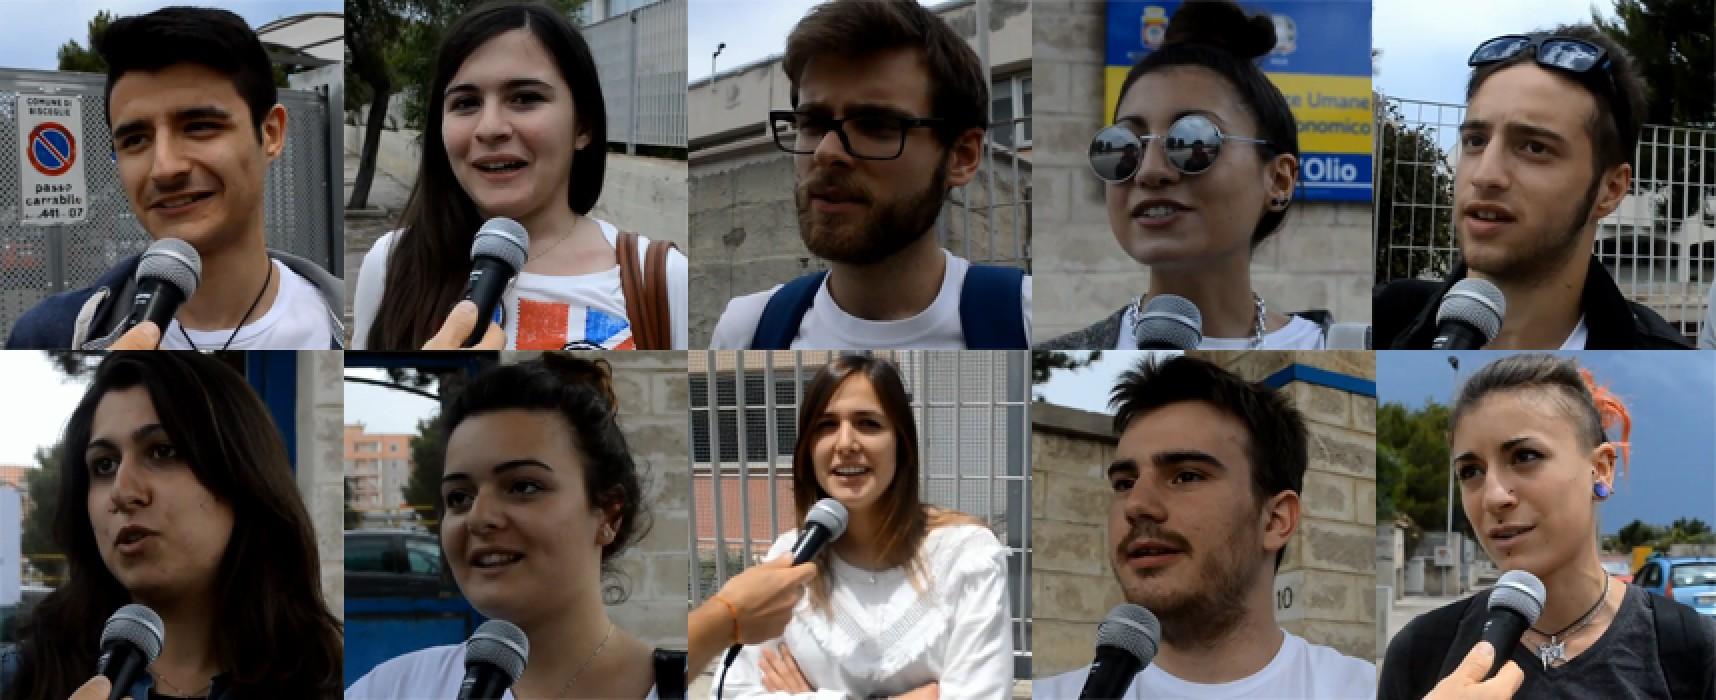 Prima Prova Maturità 2014, le tracce scelte dagli studenti biscegliesi / VIDEO